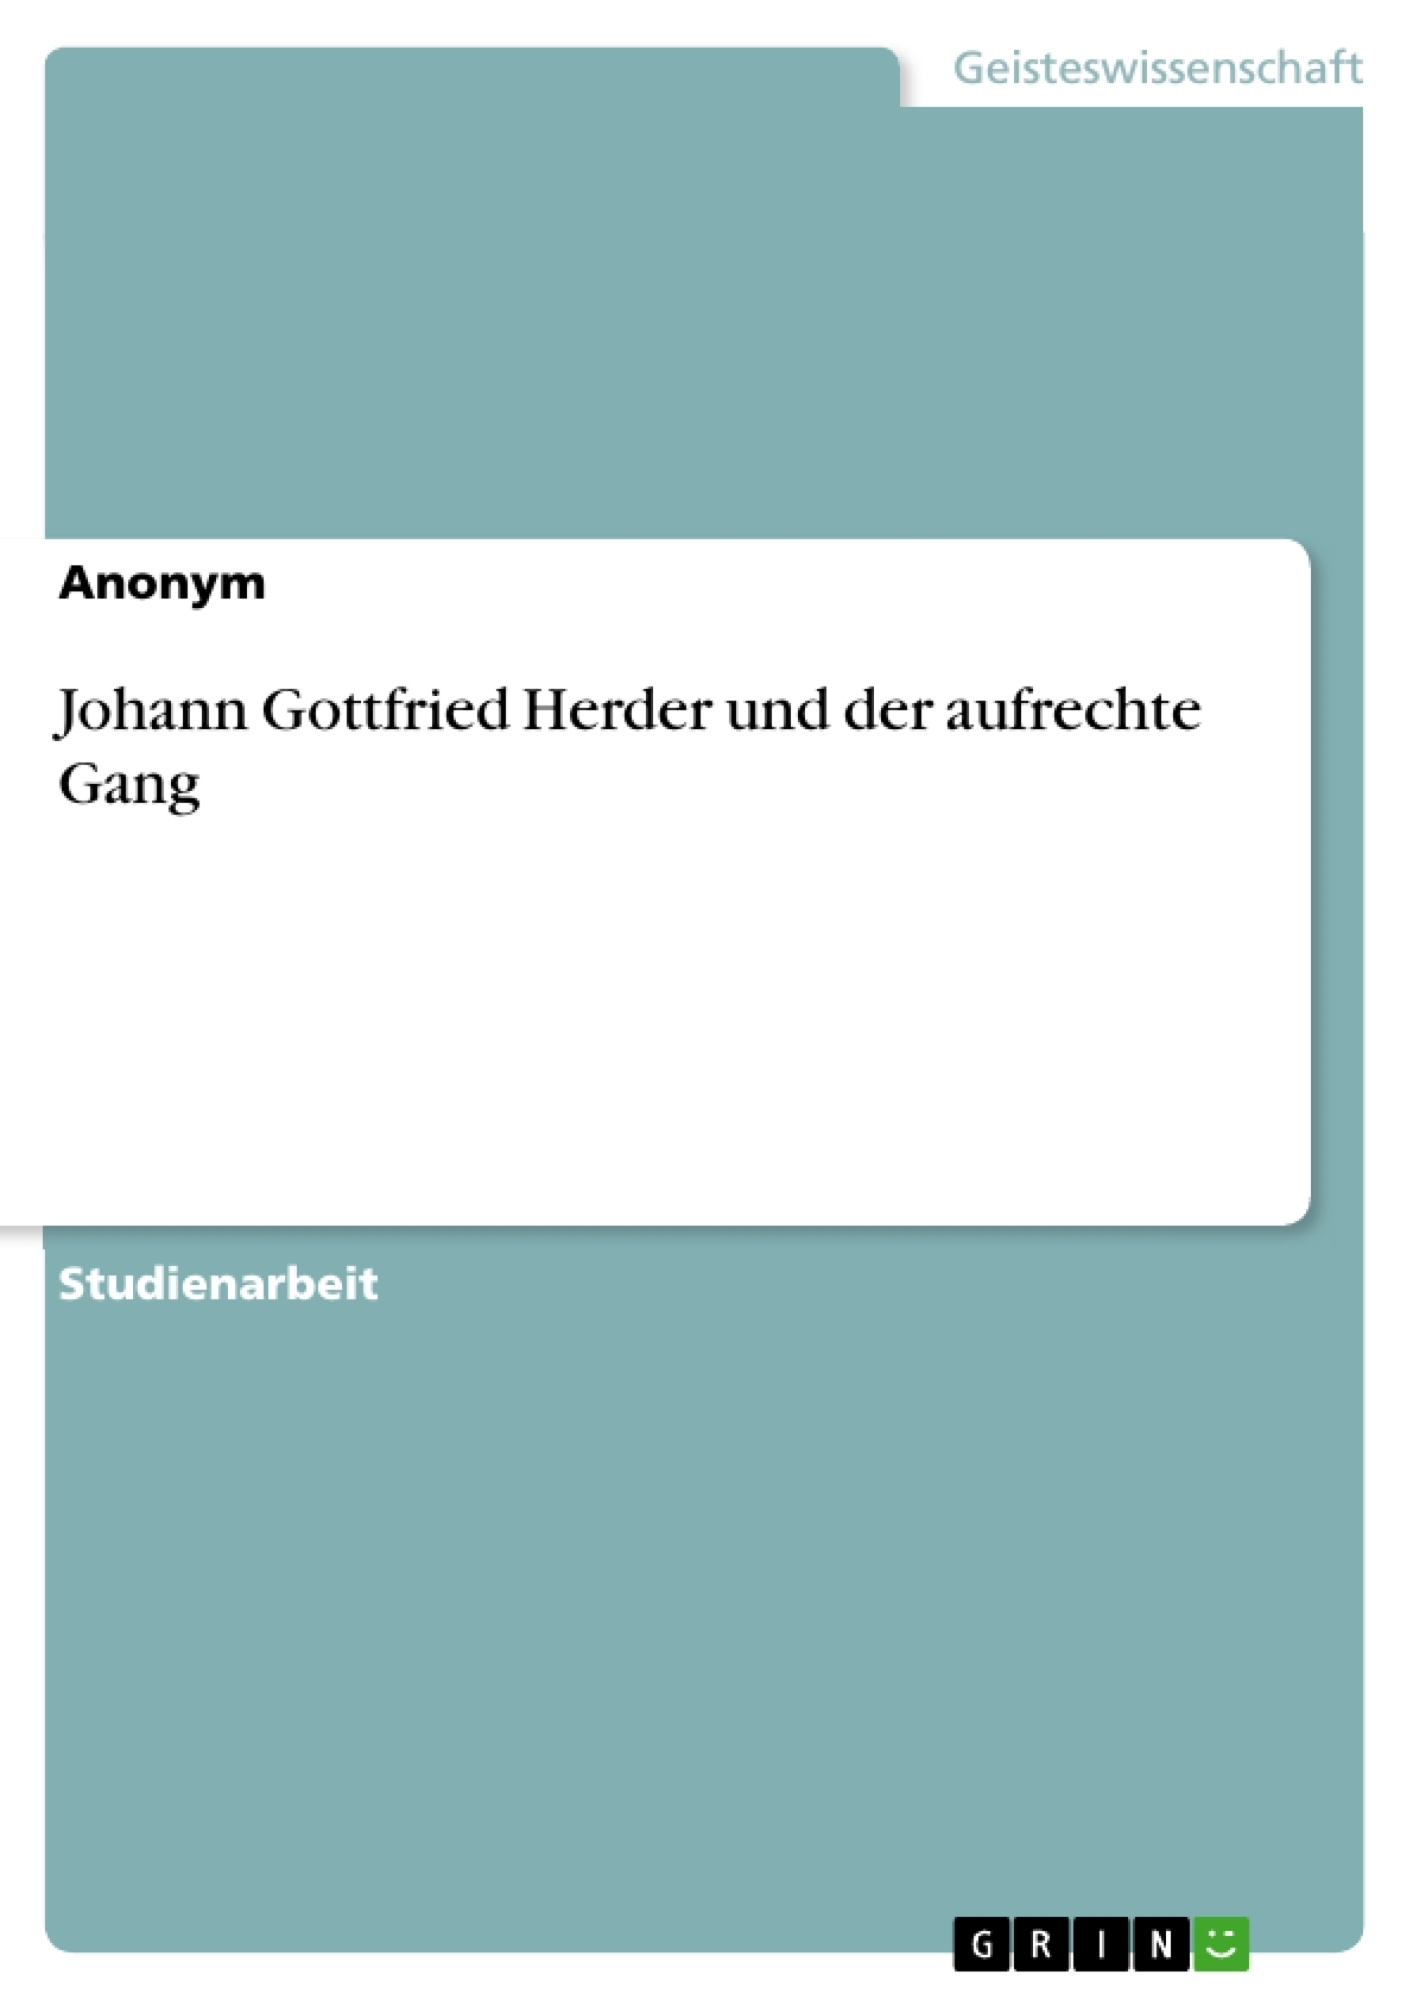 Titel: Johann Gottfried Herder und der aufrechte Gang